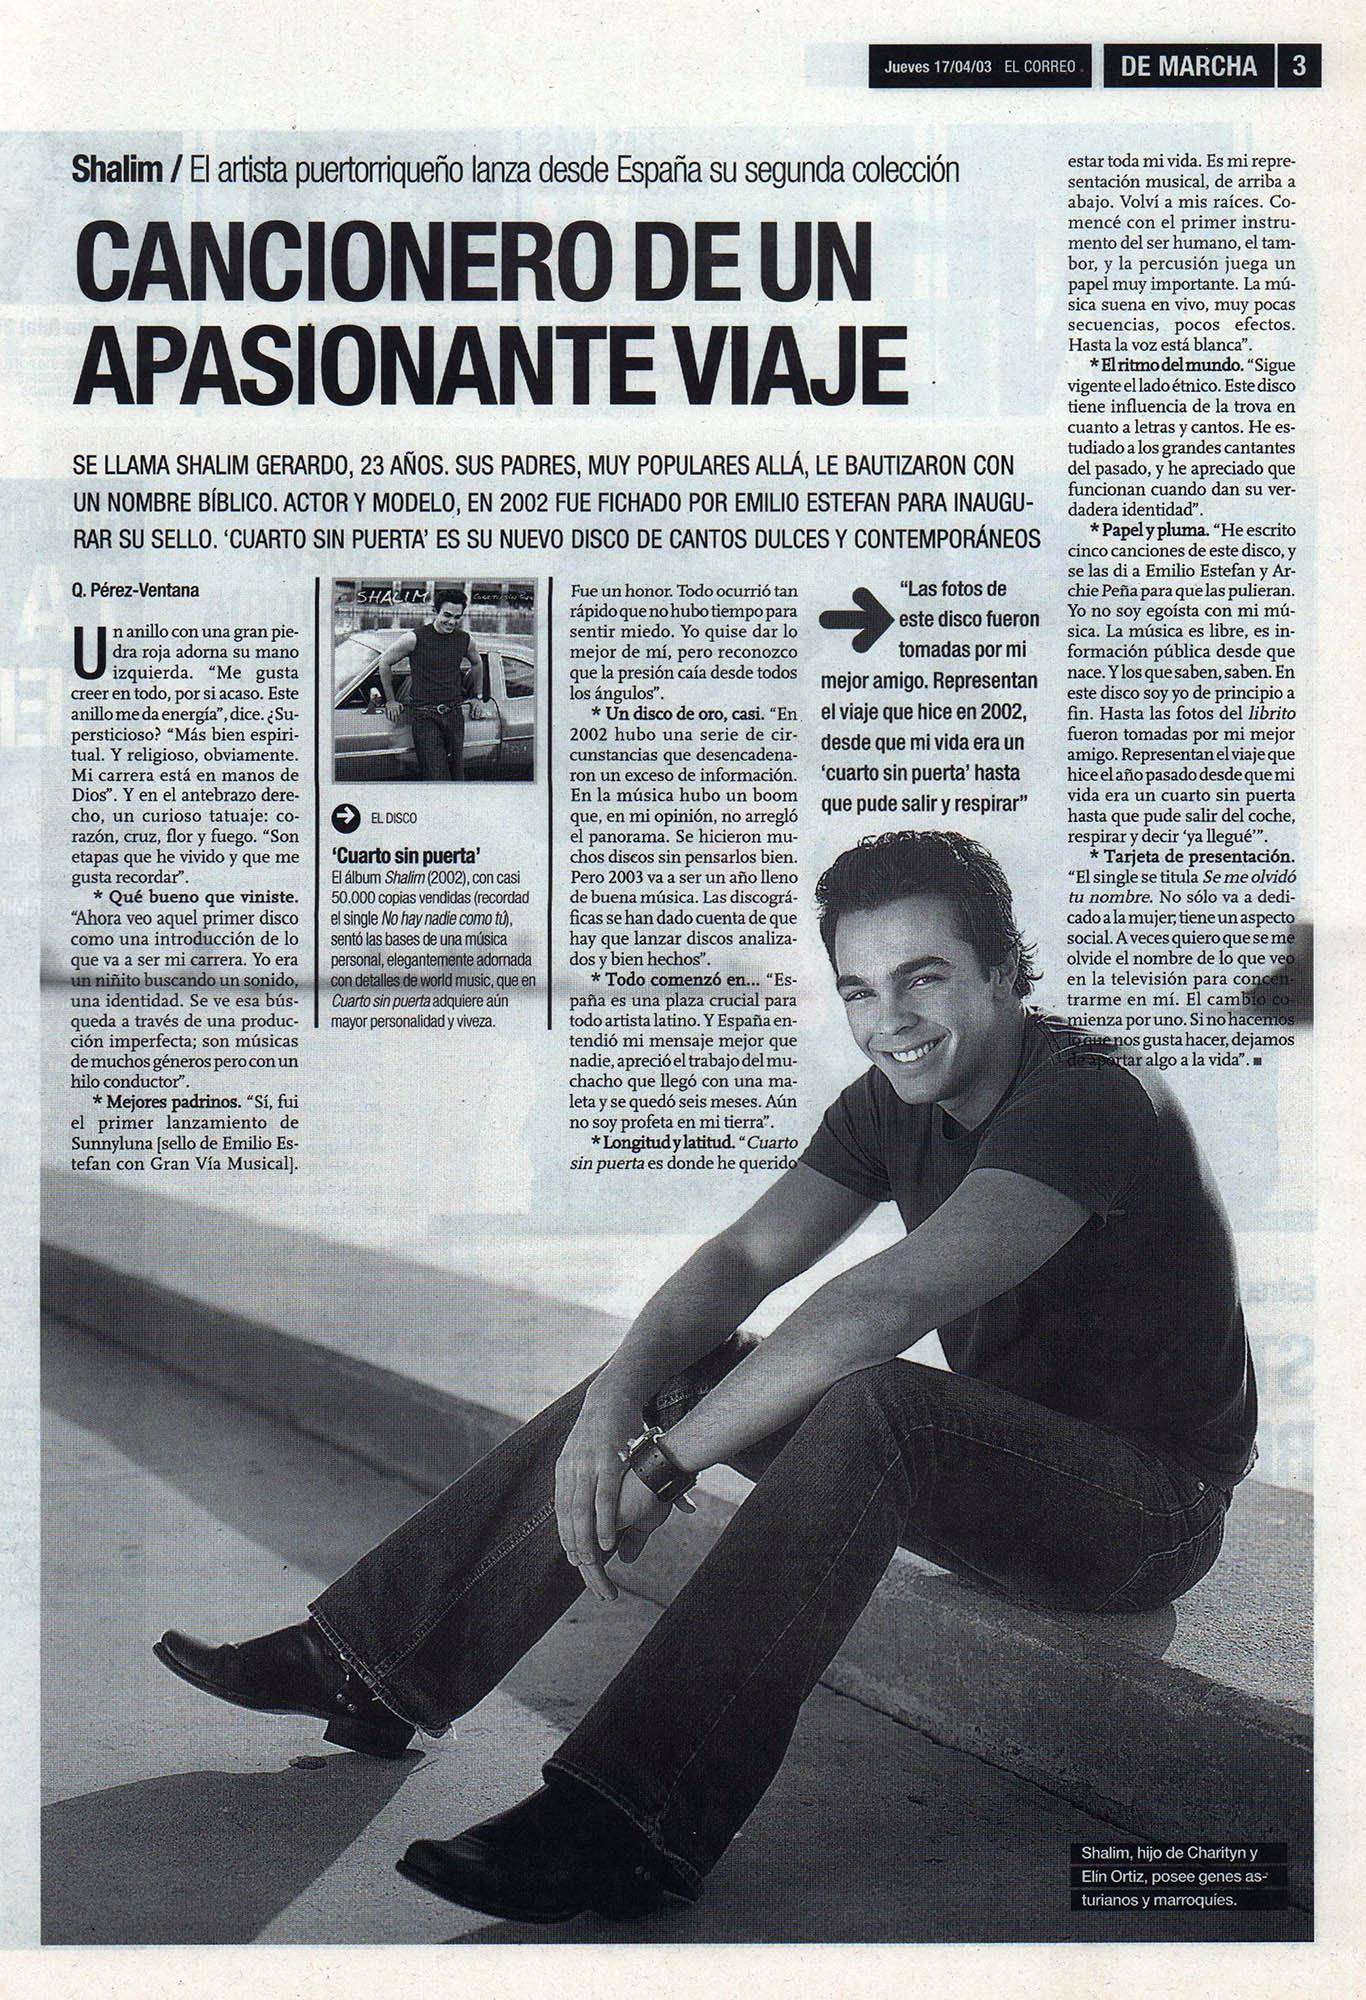 Shalim: cancionero de un apasionante viaje - Cuarto sin puerta | De Marcha - El Correo | 17 abr 2003